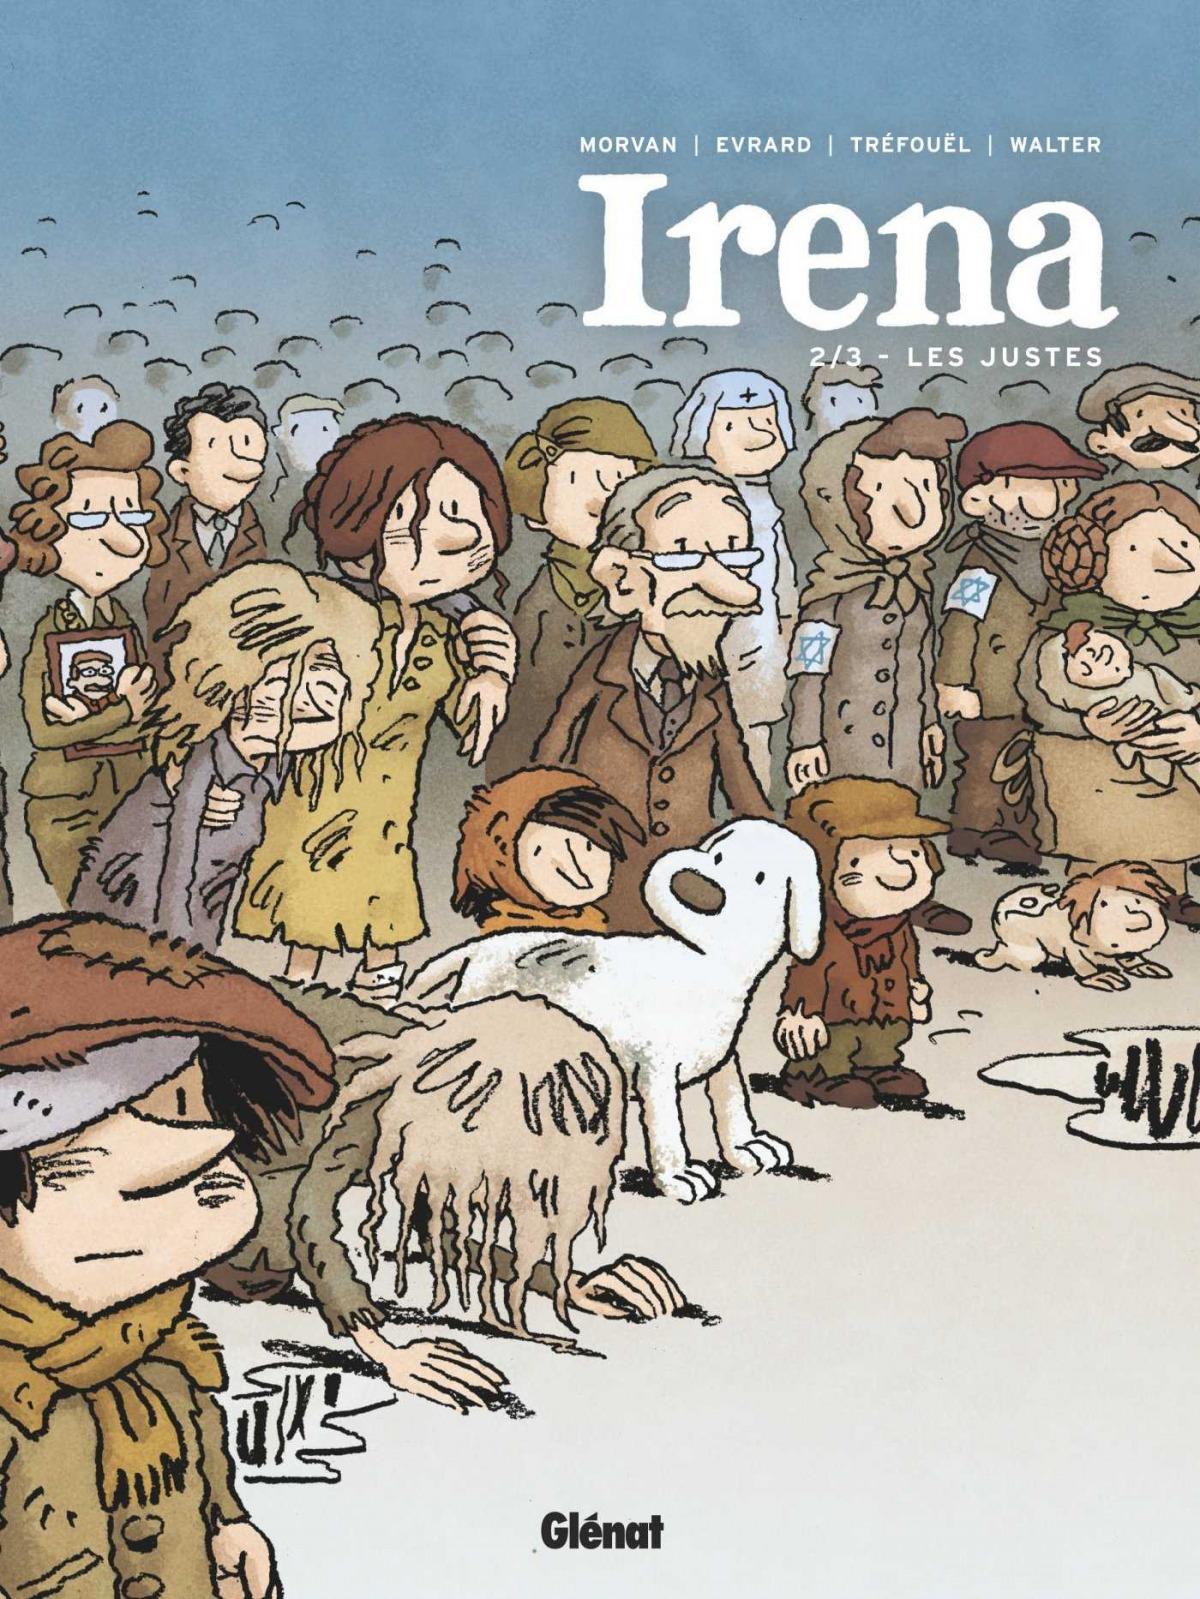 Irena. 2/3 Les Justes